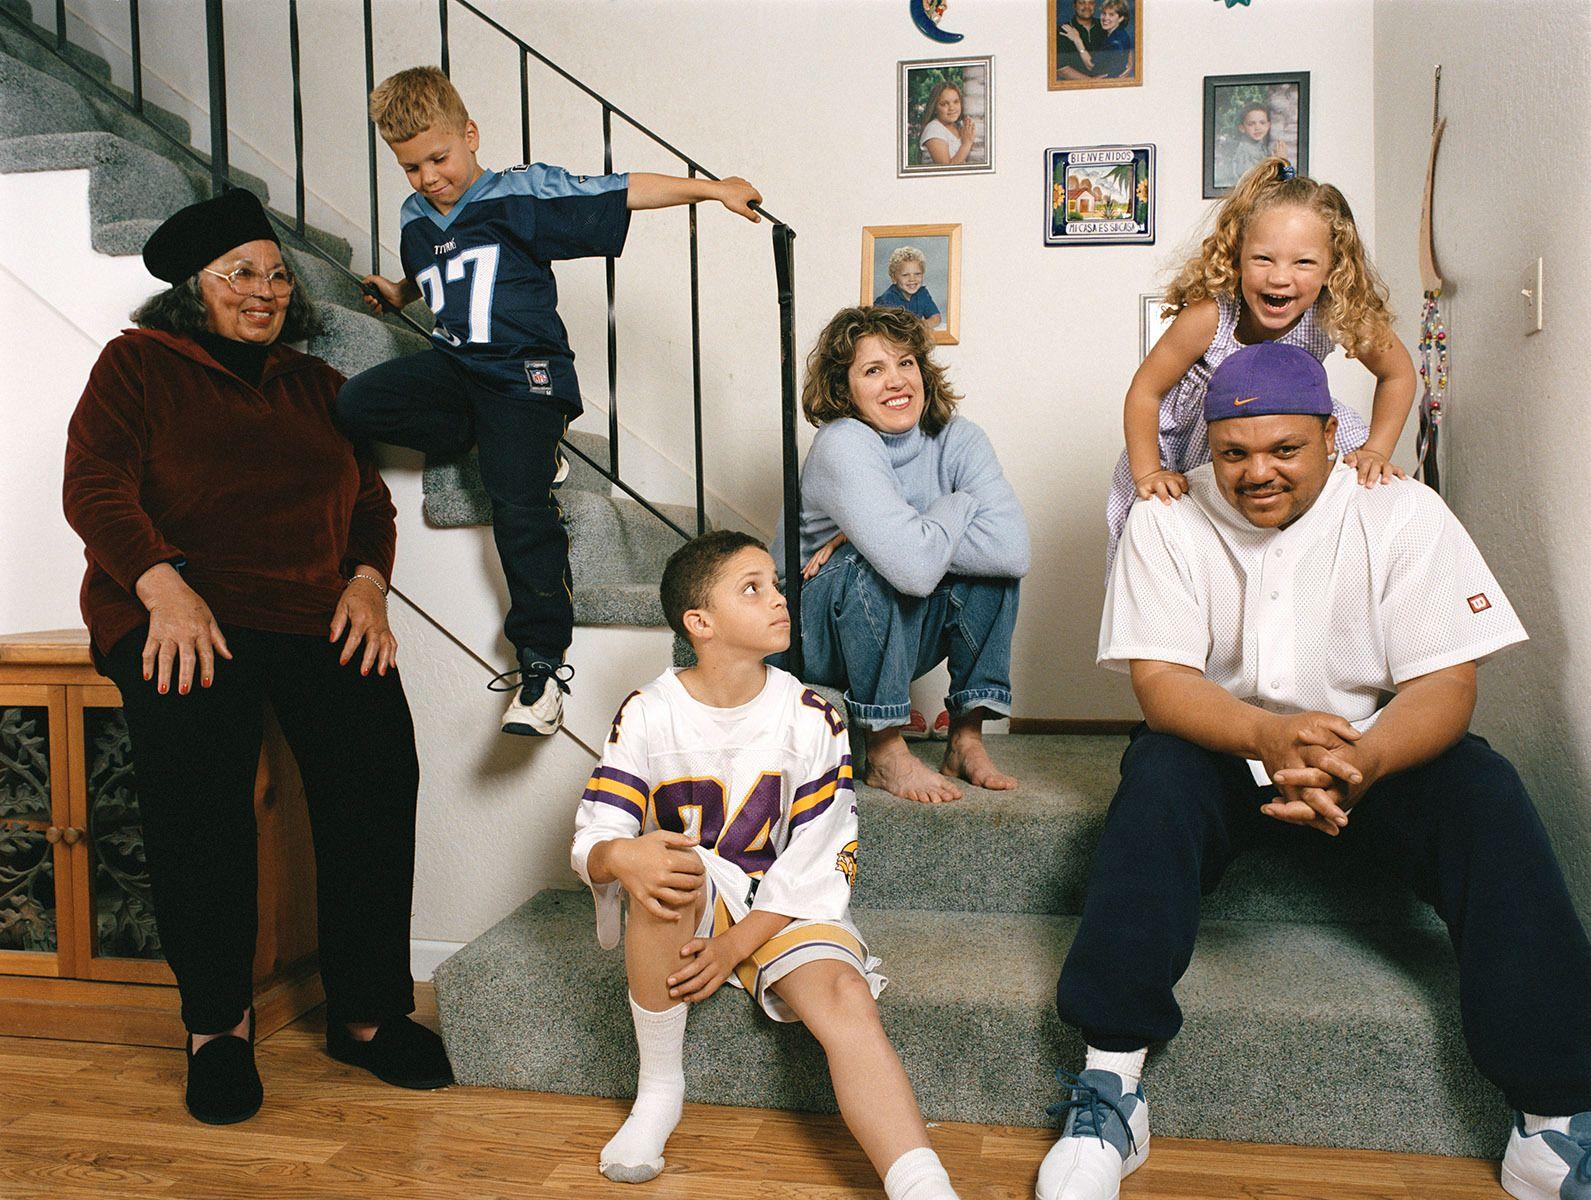 Janine, Evan & their children Weston, Austin & Isabella